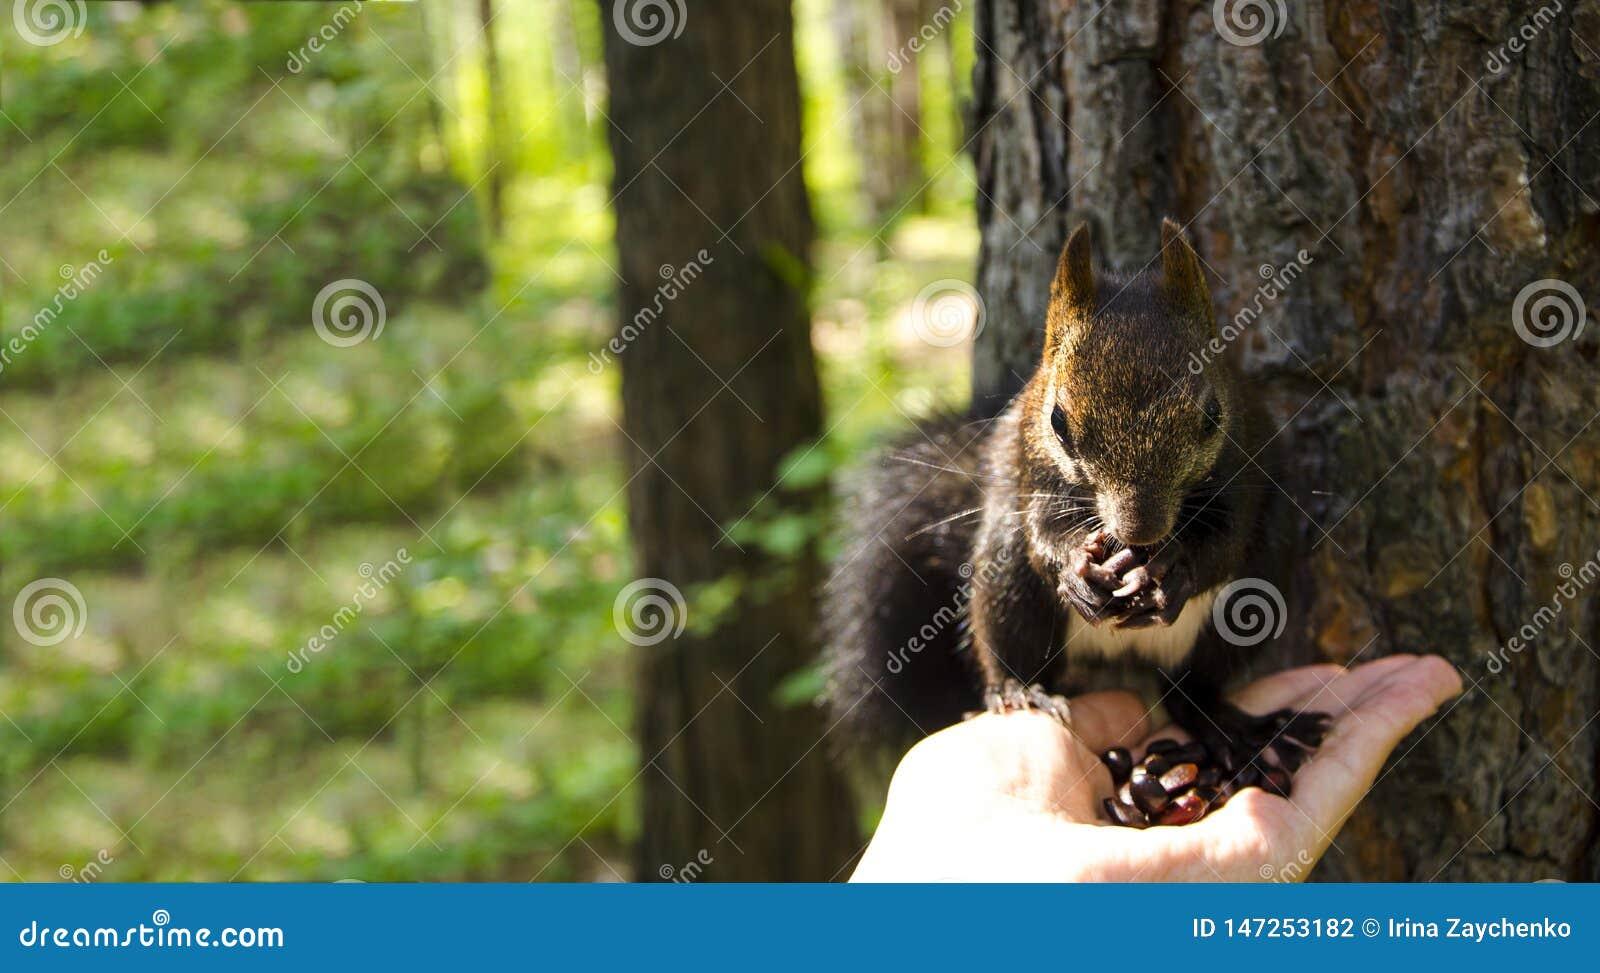 Белка ест Белка принимает гайки от его рук